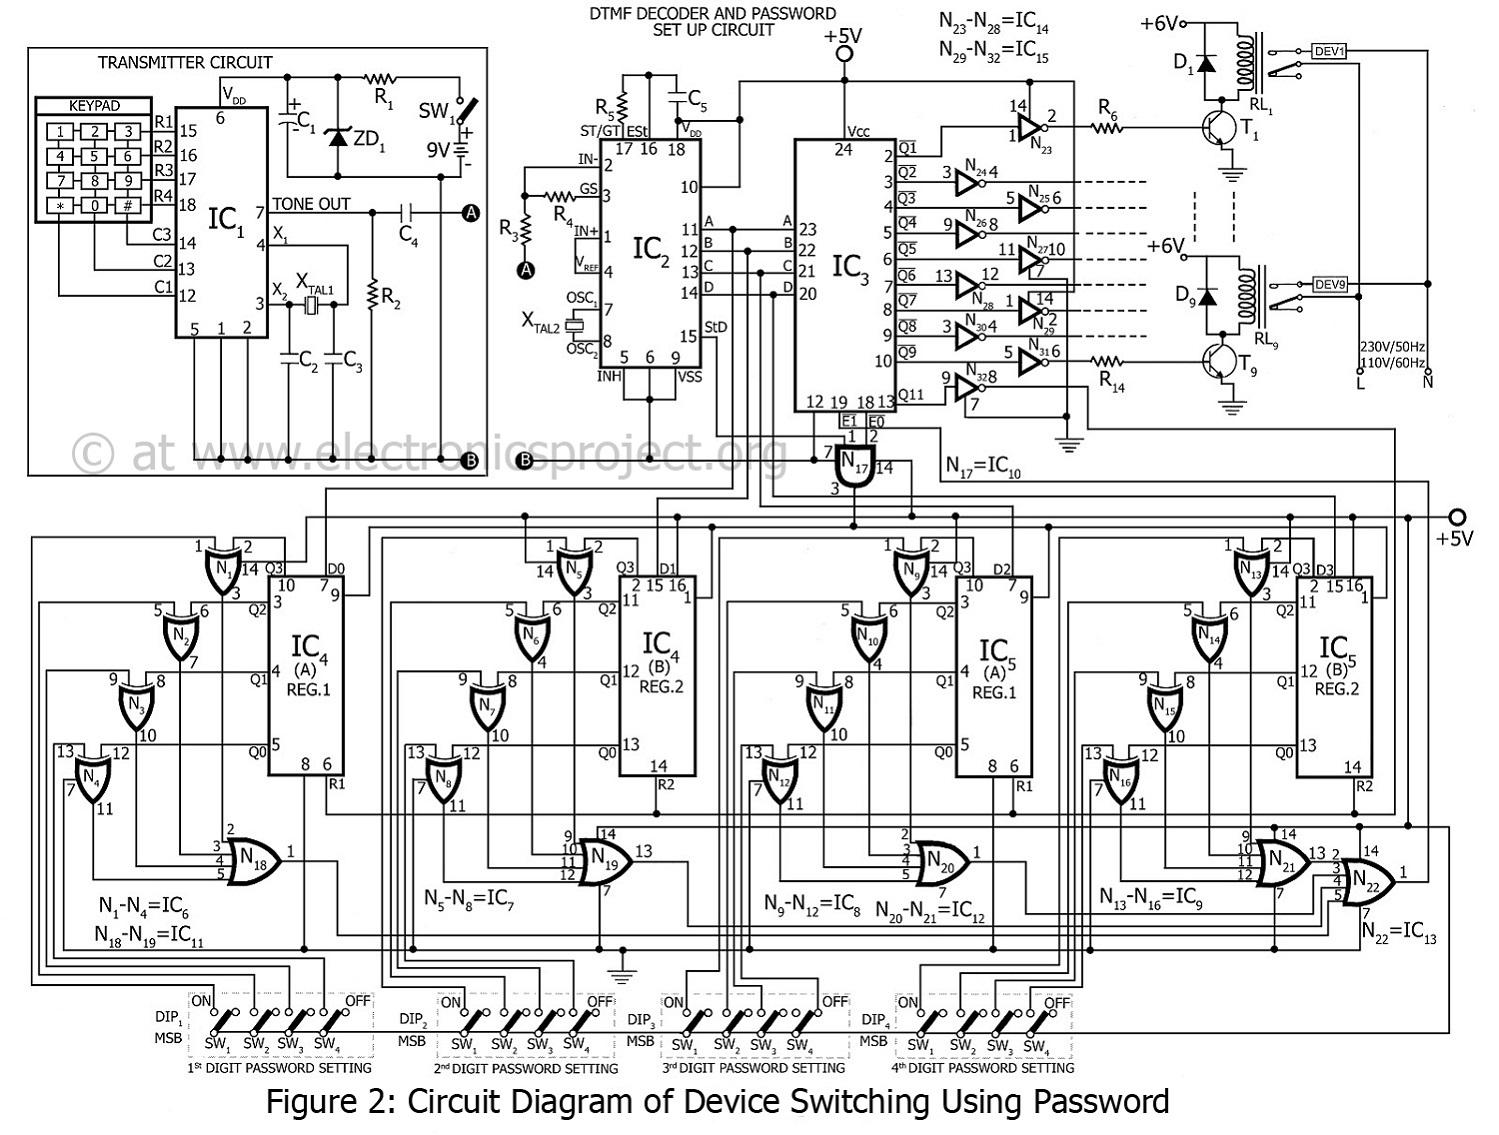 Ups Circuit Diagram 40va   Mercedes S40 Fuse Box Locations ...